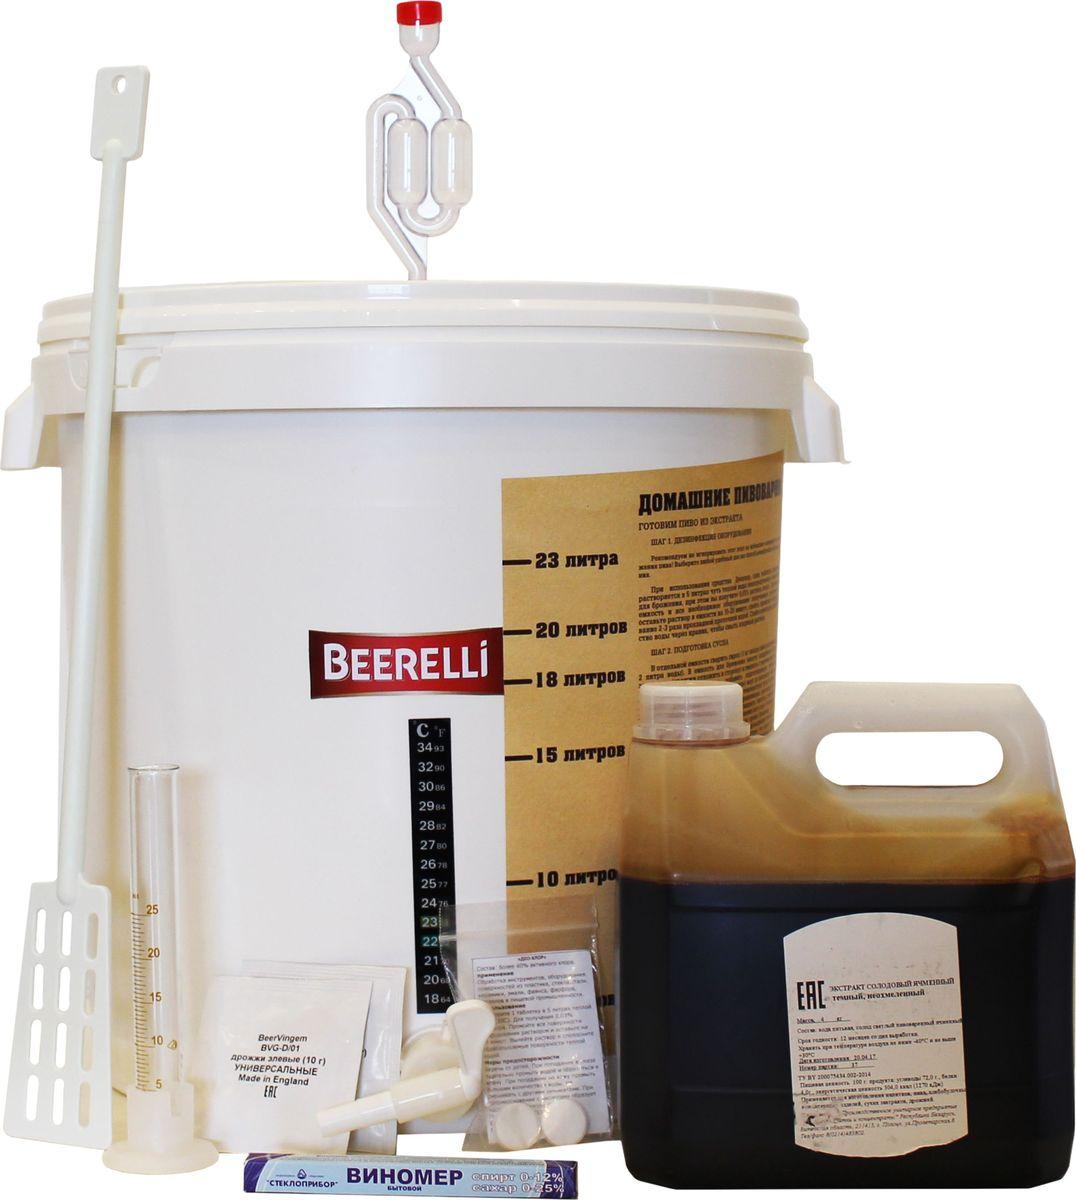 """Мини-пивоварня """"Бирелли"""" - выгодное решение для домашнего пивоварения. Комплектация: ЖК термометр, ёмкость для брожения объемом 30 л, краник D25, ложка-мешалка пластиковая 25 см, гидрозатвор с уплотнительной пробкой, виномер-сахорамер, цилиндр 25 мл, таблетки для дезинфекции Део-Хлор, дополнительный комплект и экстракт солодово ячменный светлый охмеленный 4 кг."""